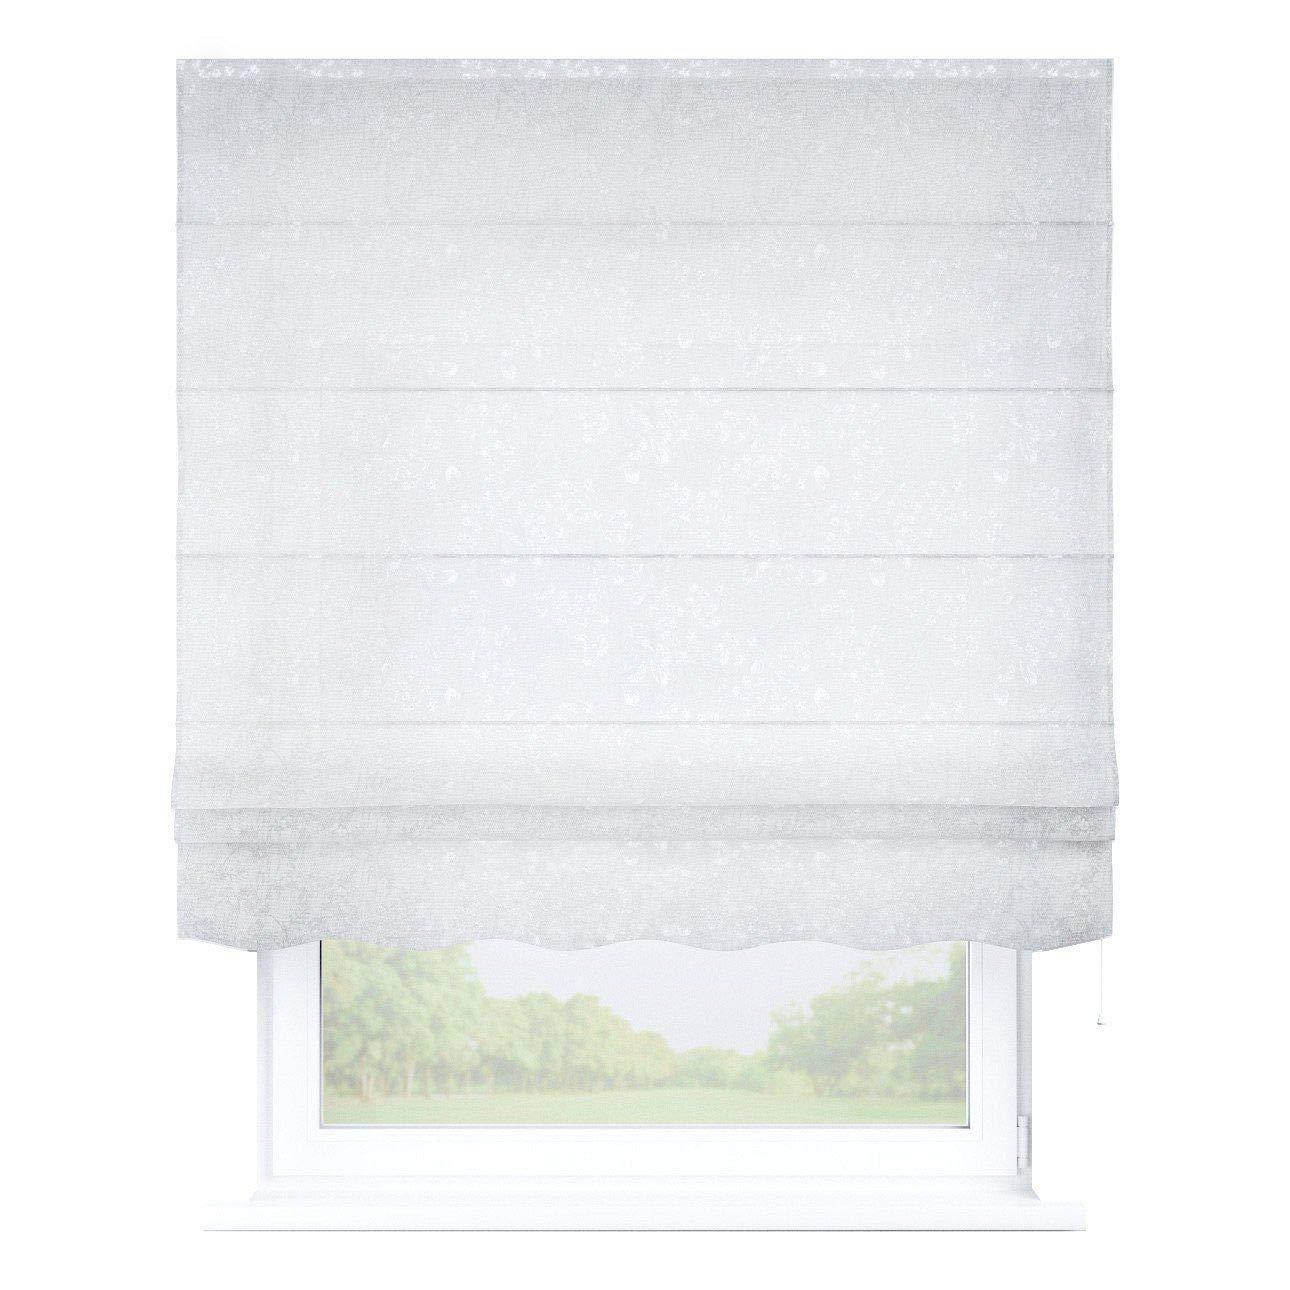 Dekoria Raffrollo Firenze ohne Bohren Blickdicht Faltvorhang Raffgardine Wohnzimmer Schlafzimmer Kinderzimmer 100 × 170 cm weiß Raffrollos auf Maß maßanfertigung möglich